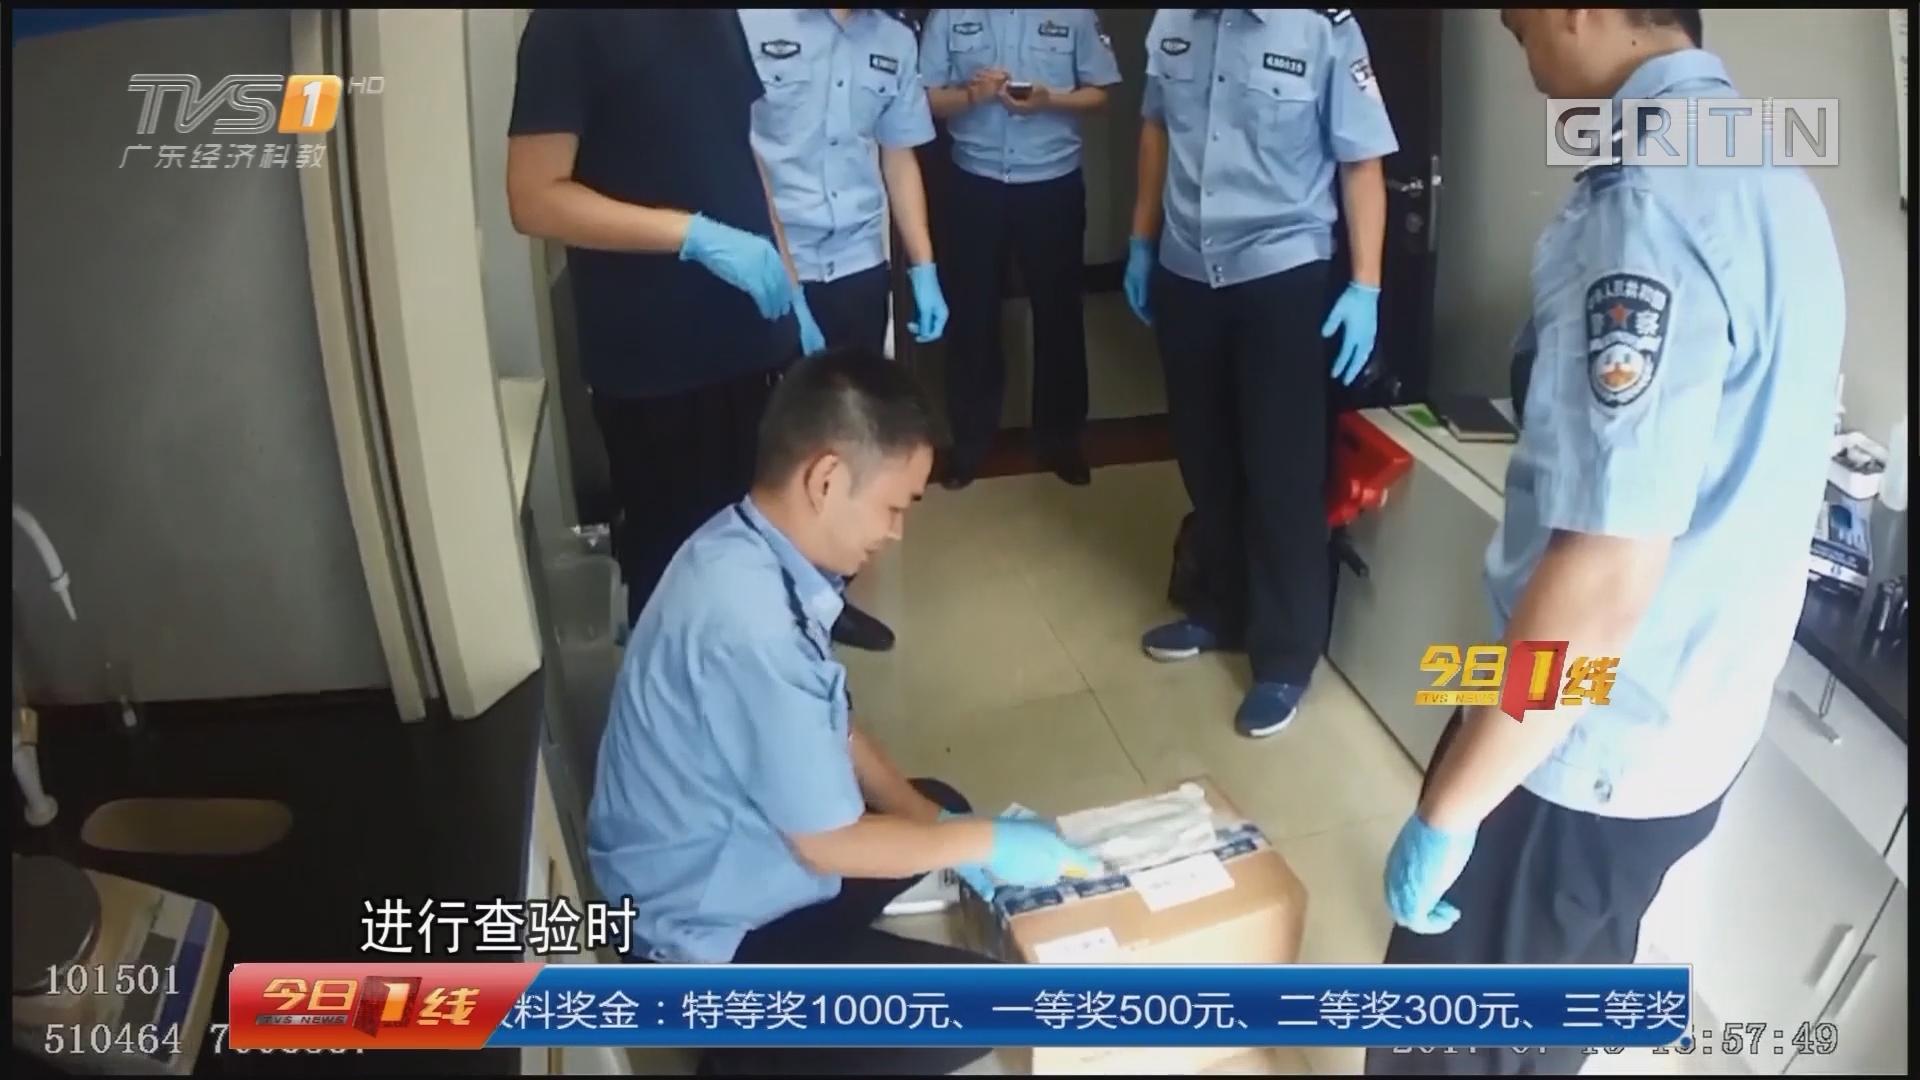 台山:包裹藏毒欲瞒天过海 被截获